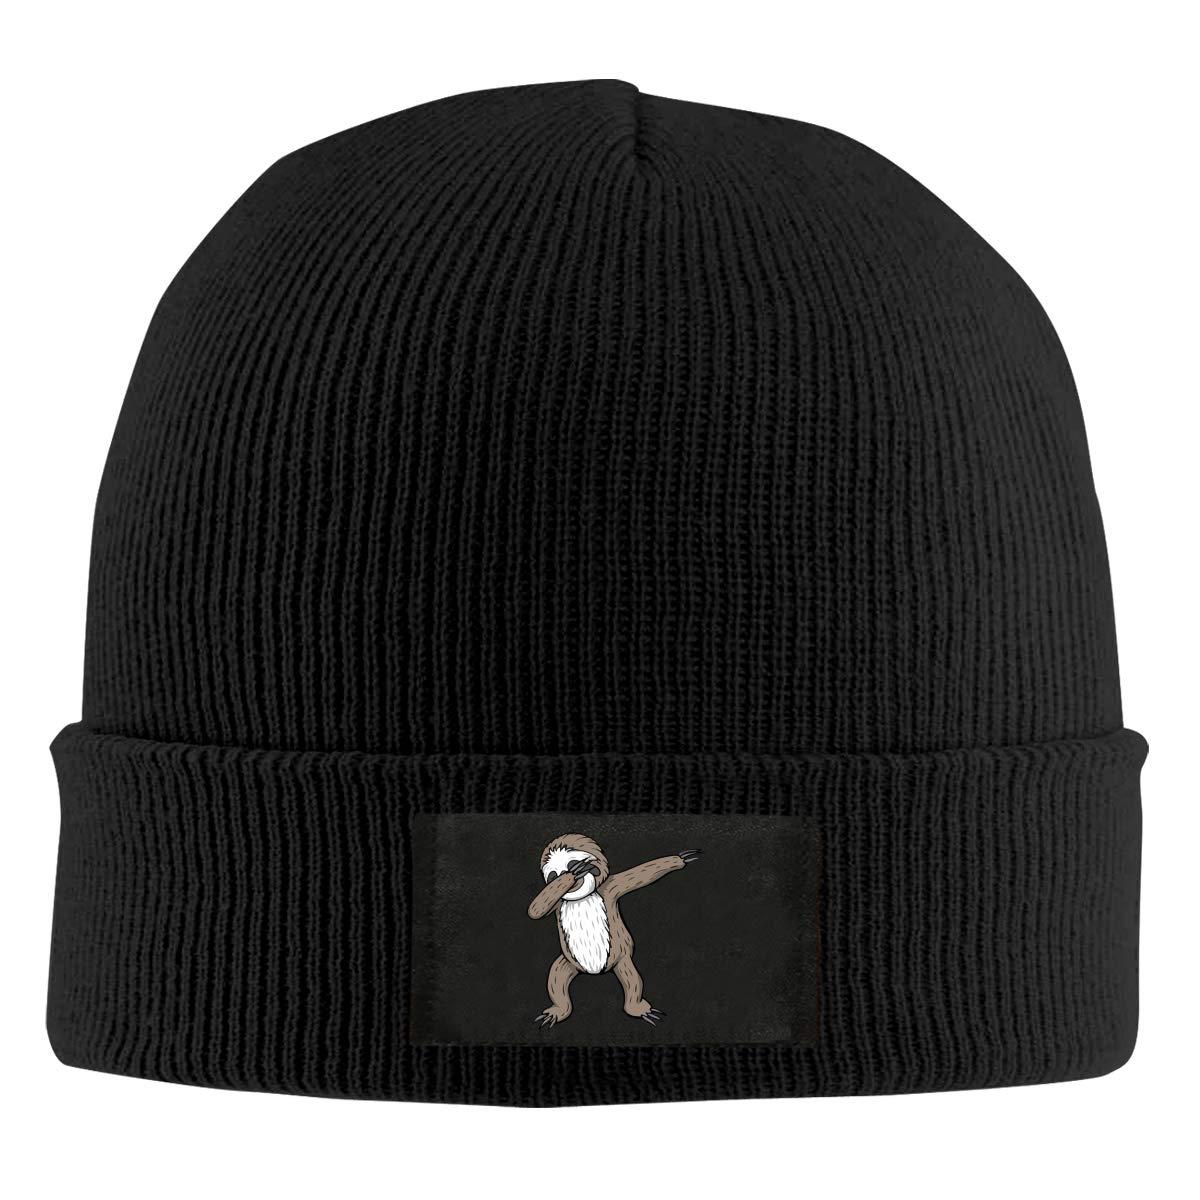 BF5Y6z/&MA Unisex Sloth Dabbing Knitted Cap 100/% Acrylic Wool Skull Cap